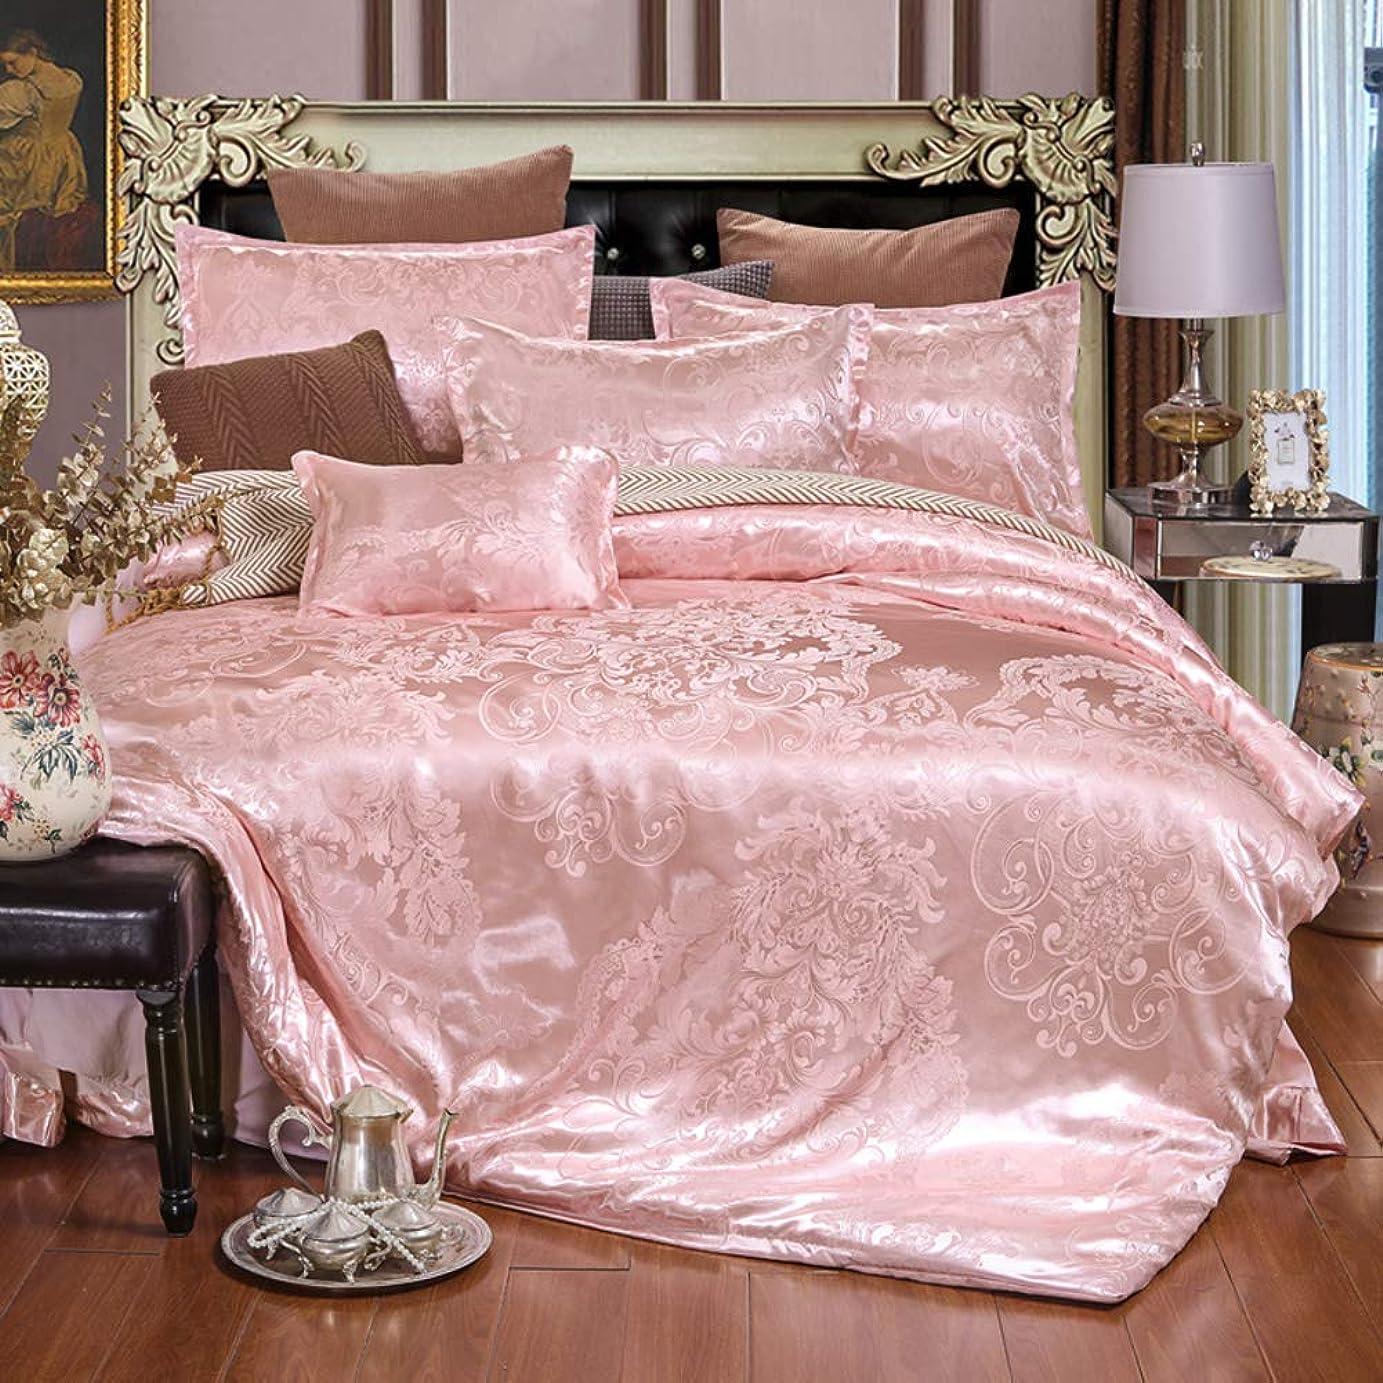 神経市の中心部見つける北欧ロイヤル サテン ジャカード 布団カバー, 寝具セット 4 ピースのスーツ 羽毛布団カバー ベッドシーツ 枕カバー * 2 高級 結婚 絹の布-ピンク ベッド 幅 5ft(150cm)